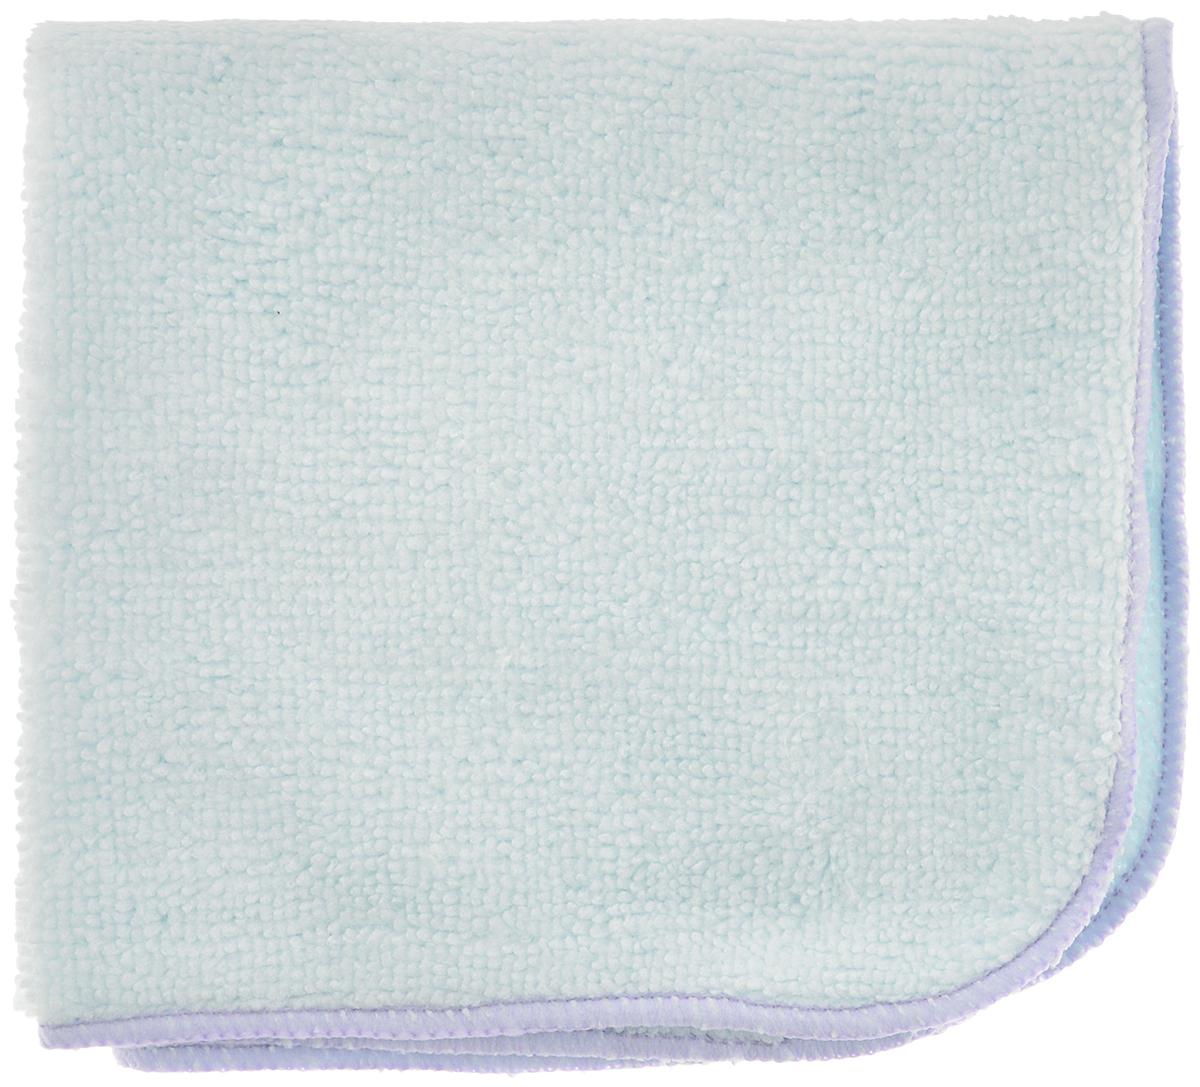 Салфетка для уборки Meule Standard, универсальная, цвет: светло-голубой, сиреневый, 25 х 25 см17105100Салфетка Meule Standard выполнена из высококачественной микрофибры (80% полиэстер, 20% полиамид). Изделие может использоваться как для сухой, так и для влажной уборки. Деликатно очищает любые виды поверхности, не оставляет следов и разводов. Идеально впитывает влагу, удаляет загрязнения и пыль, а также подходит для протирки полированной мебели. Сохраняет свои свойства после стирки.